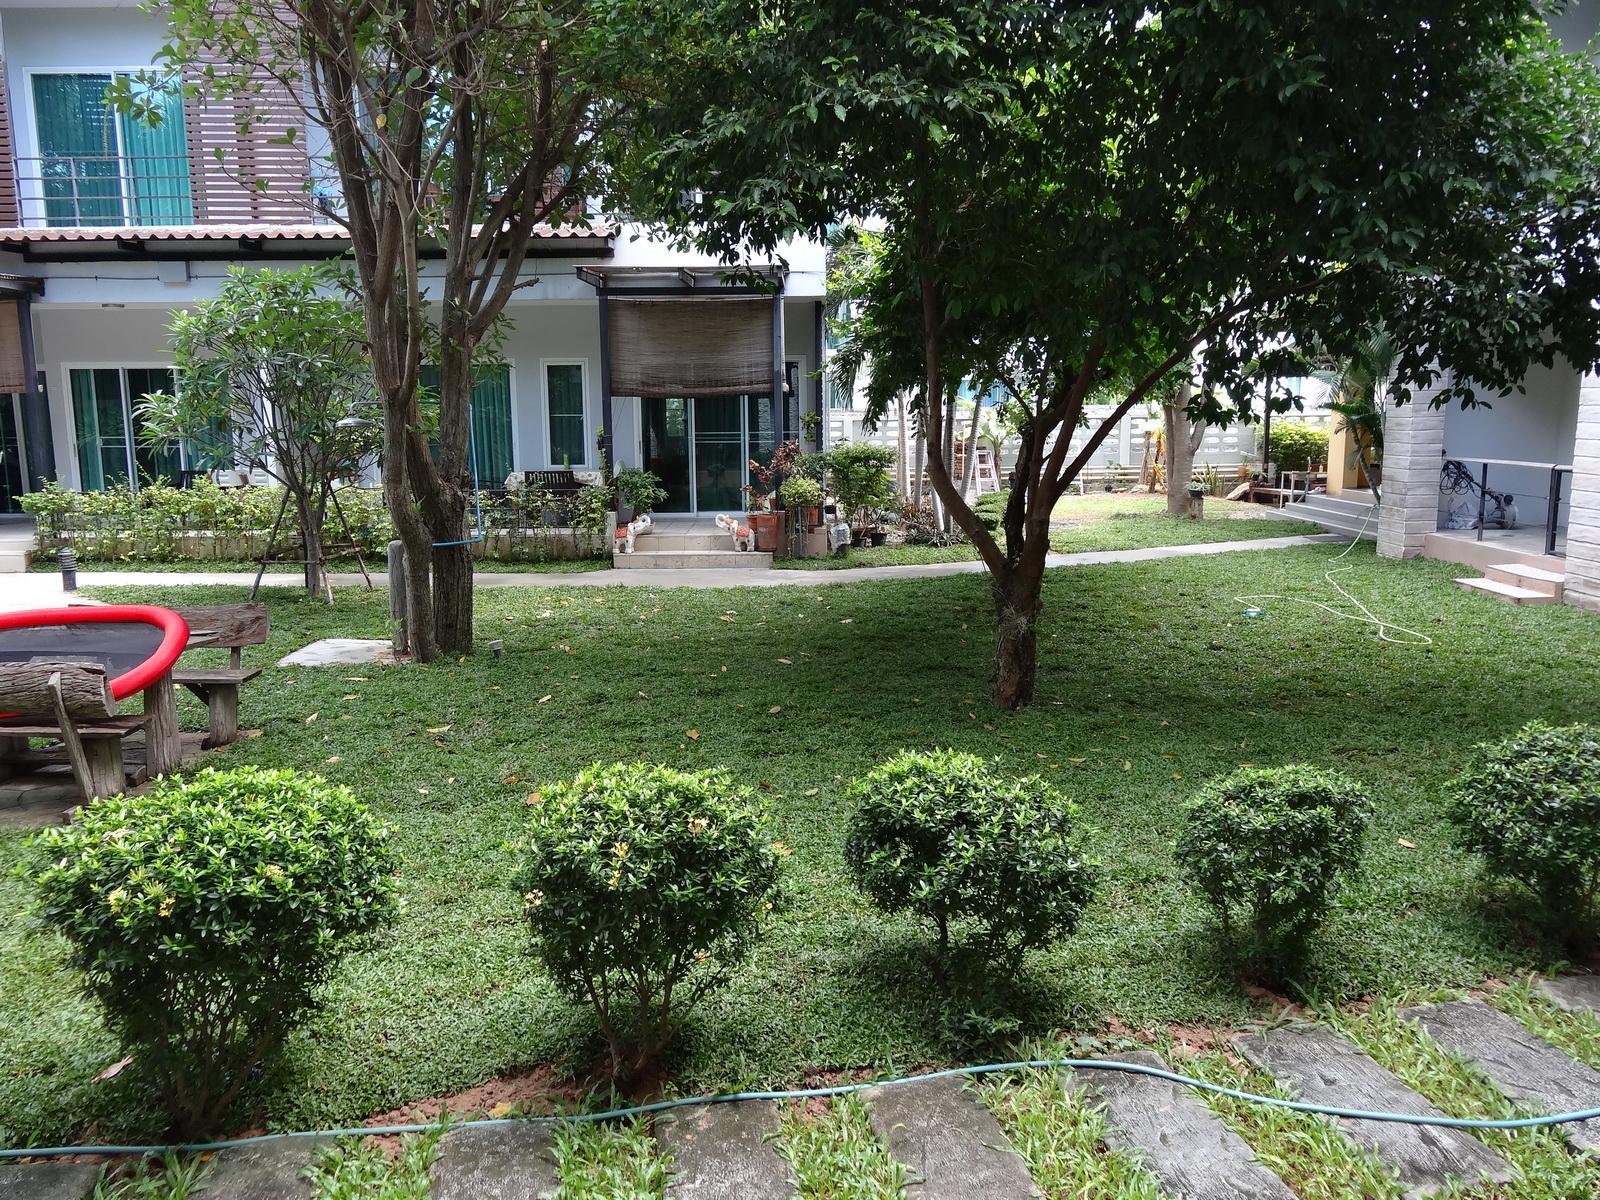 01-the-garden-11